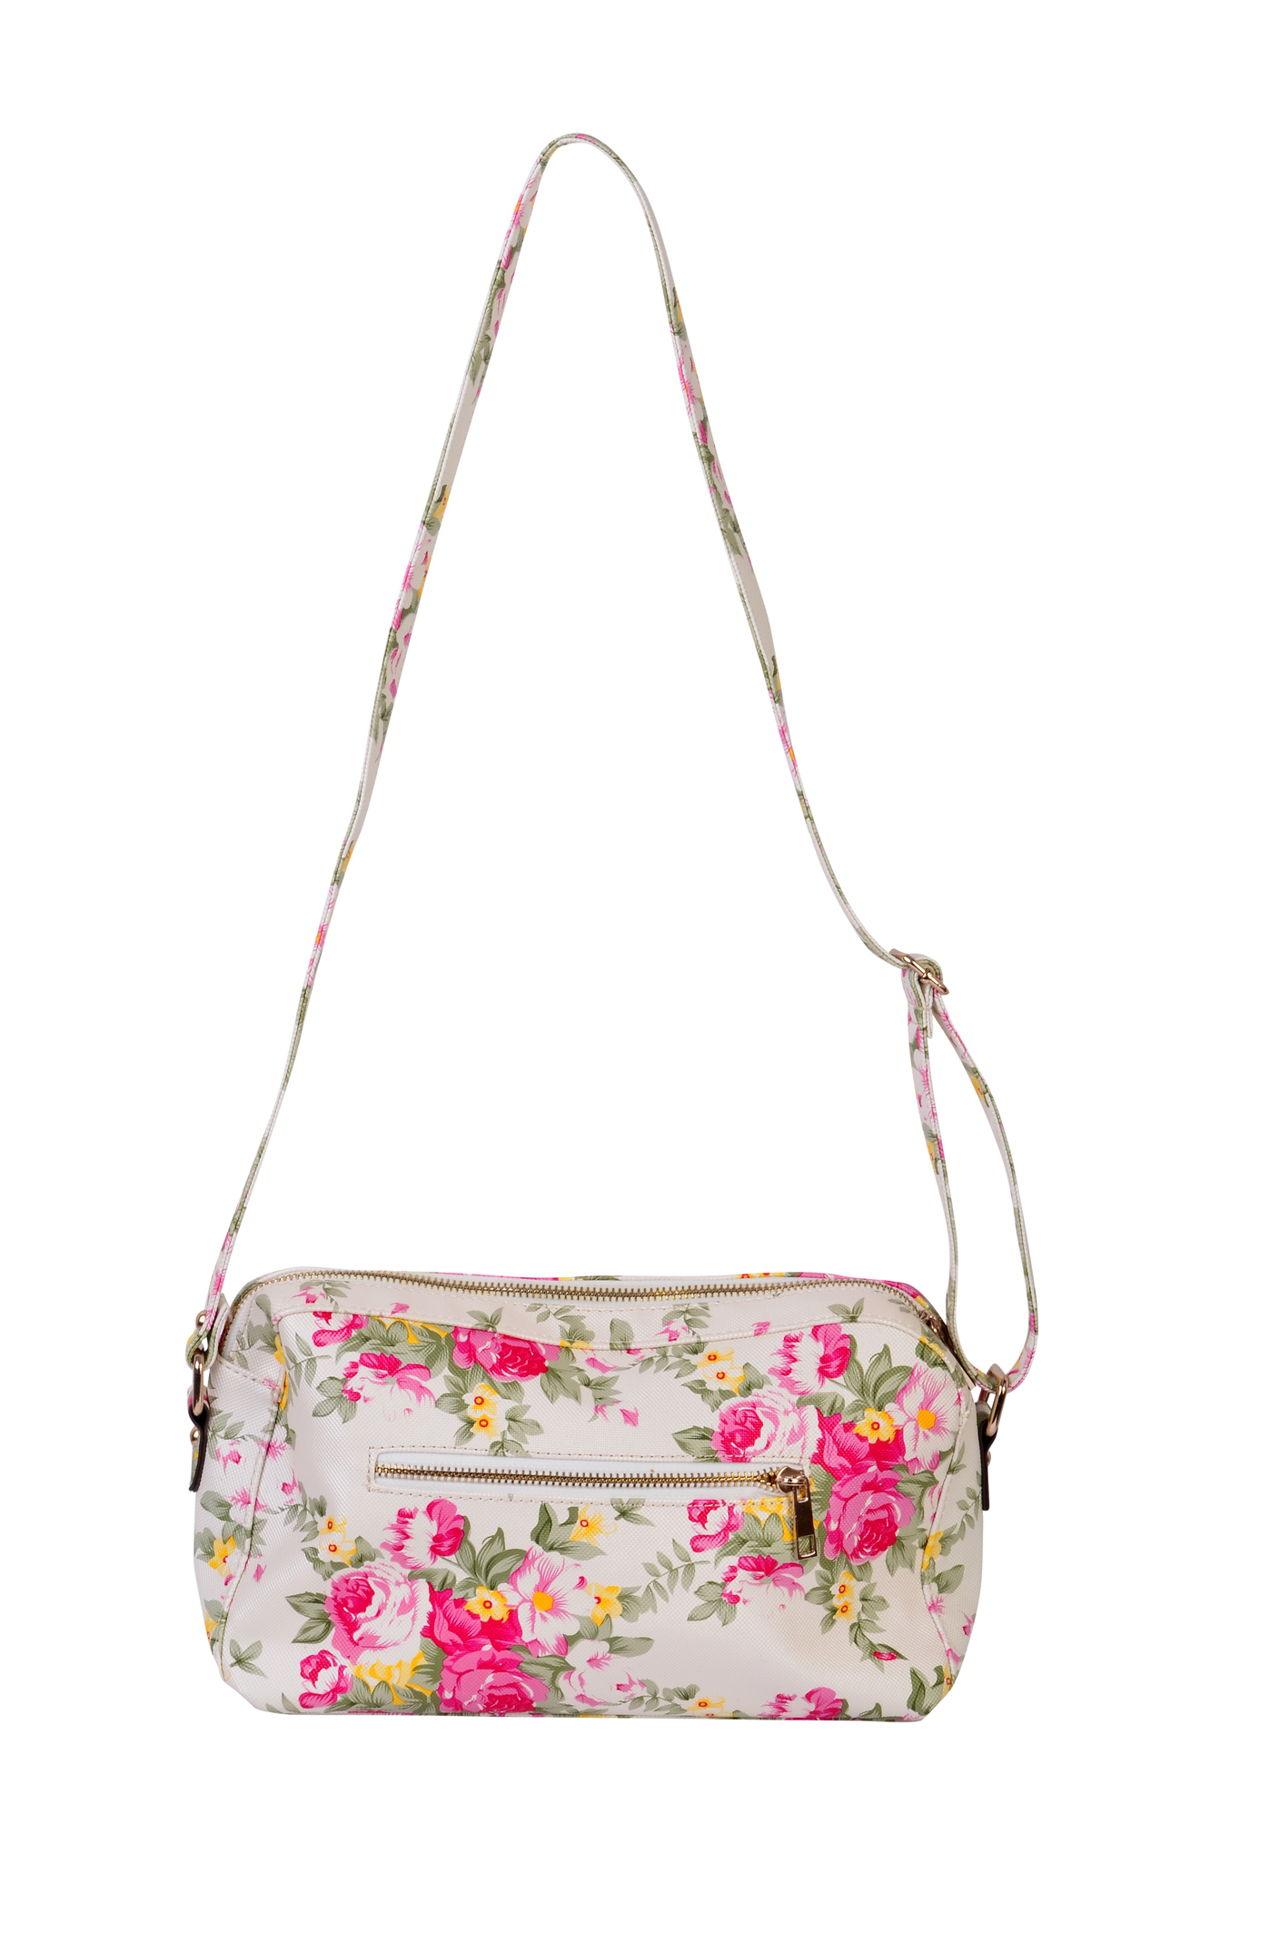 0b2c5a011e58b Bag My Posh Closet Bags Crossbody bag Closet t